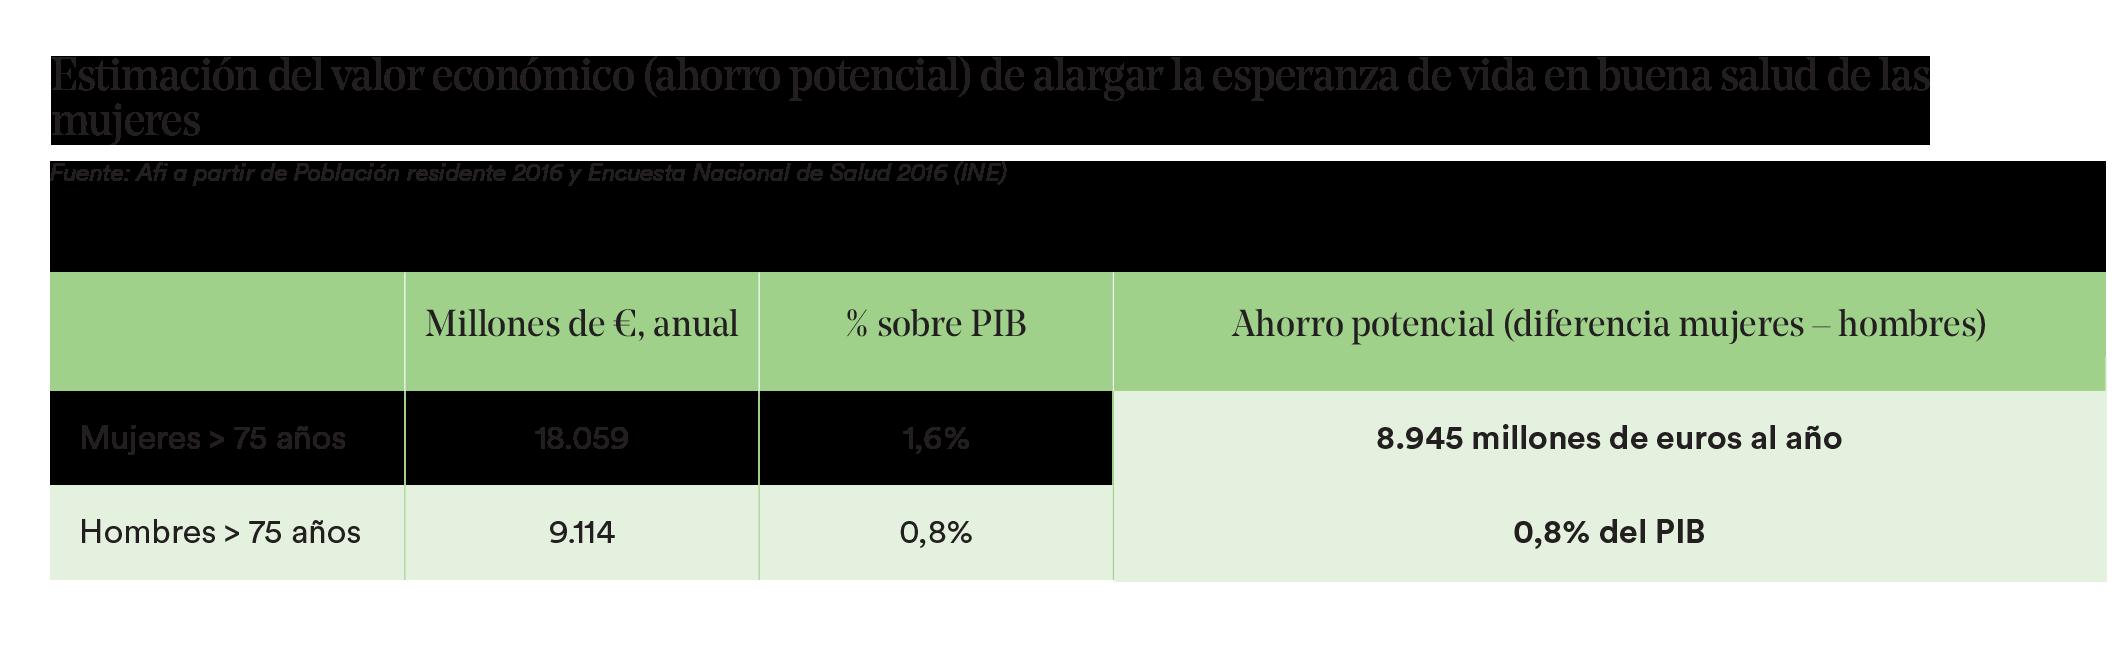 Estimación del valor económico de largar la esperanza de vida en buena salud de las mujeres